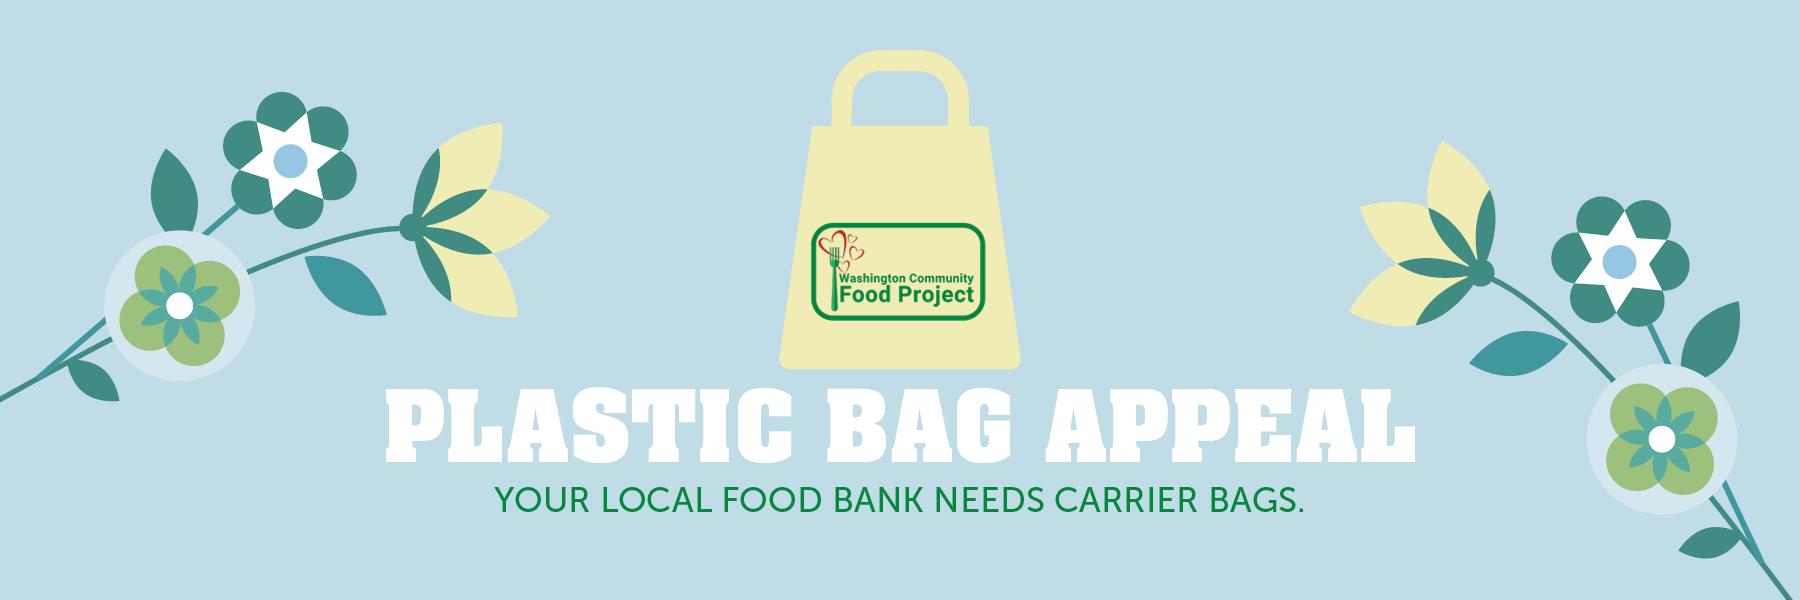 Carrier Bag Appeal